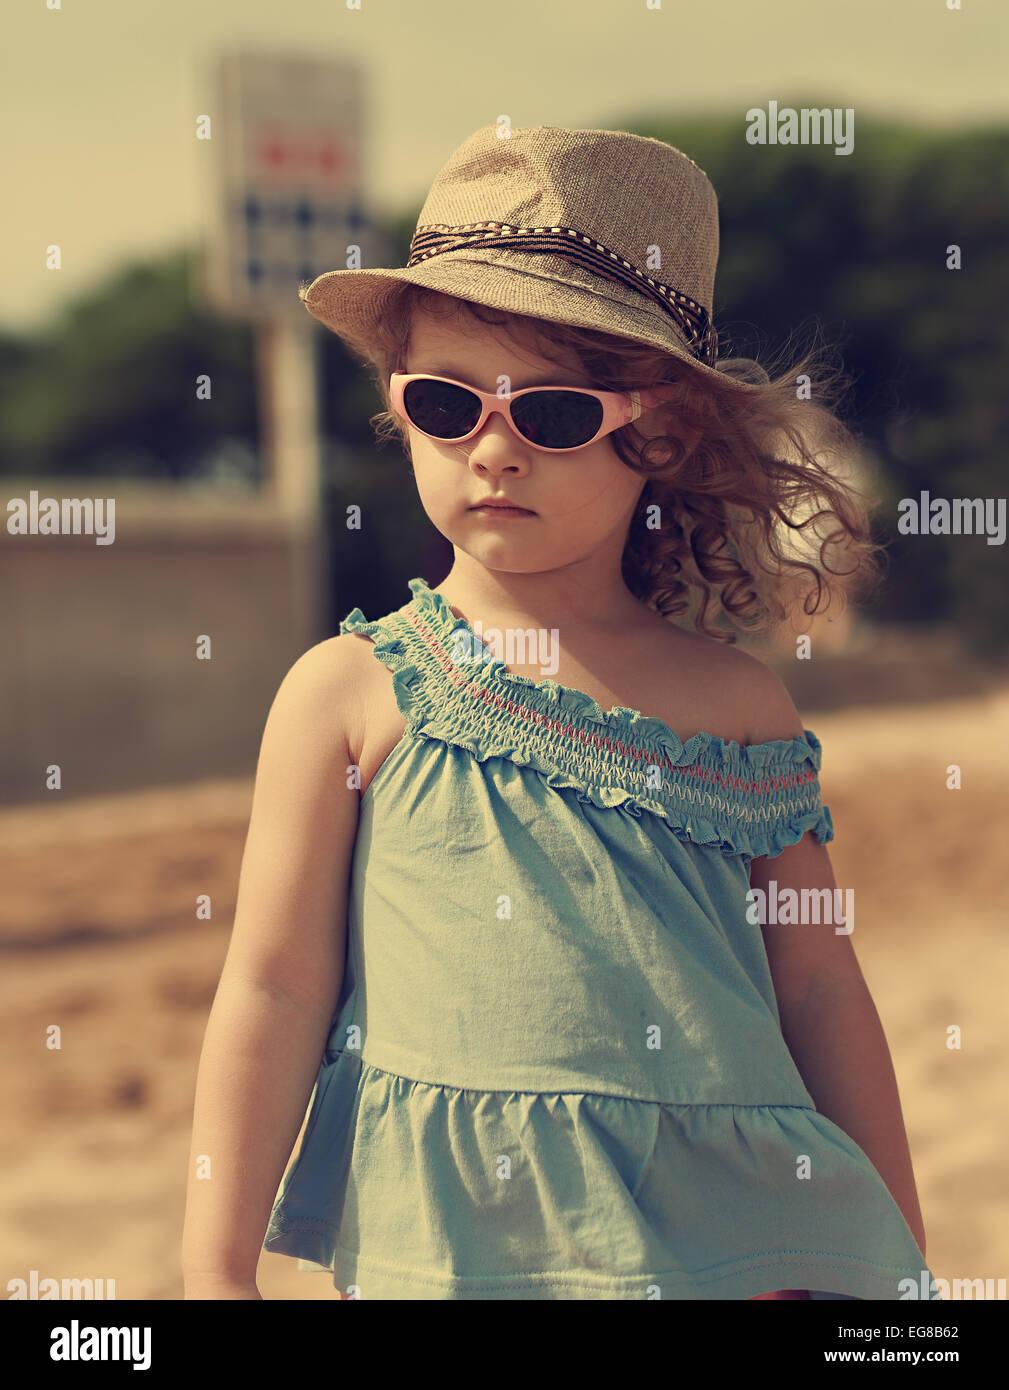 9e131a0fb39248 Bellissimi e moderni kid ragazza nel cappello e occhiali da sole guardando  all'aperto